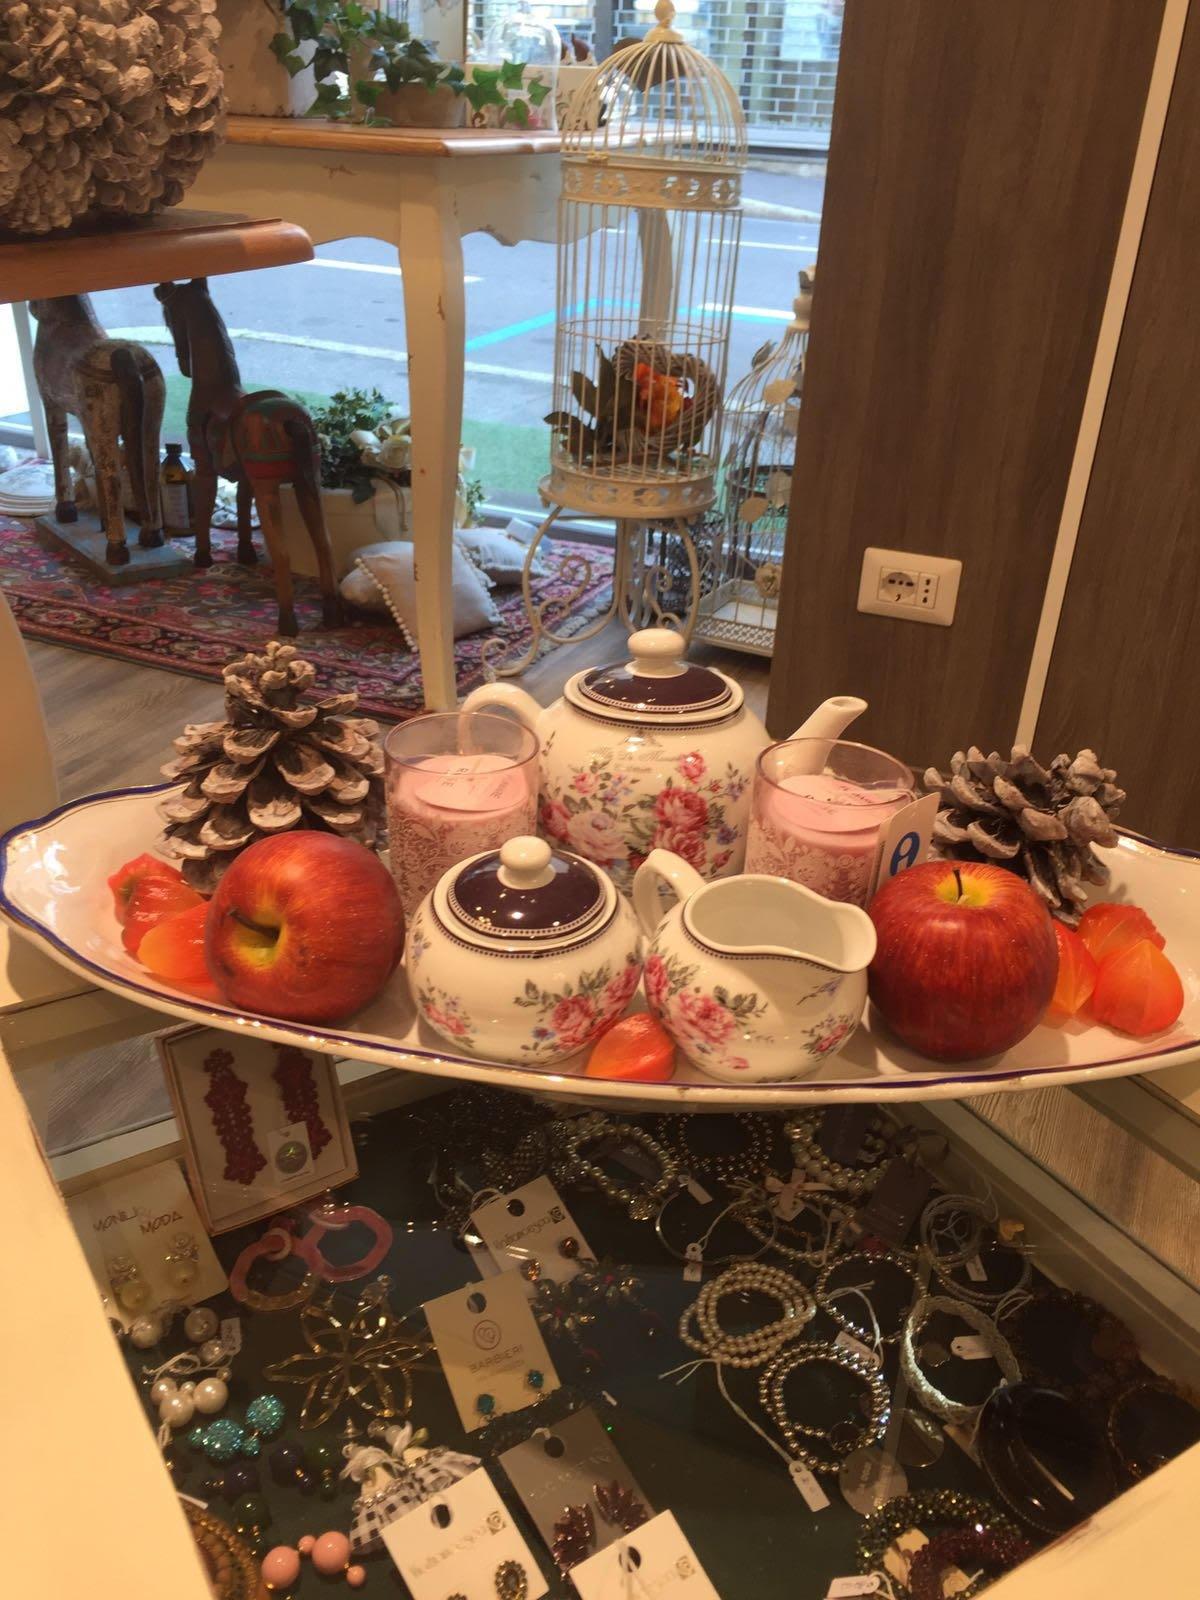 dettaglio di set da the' e decorazioni con pigne e mele